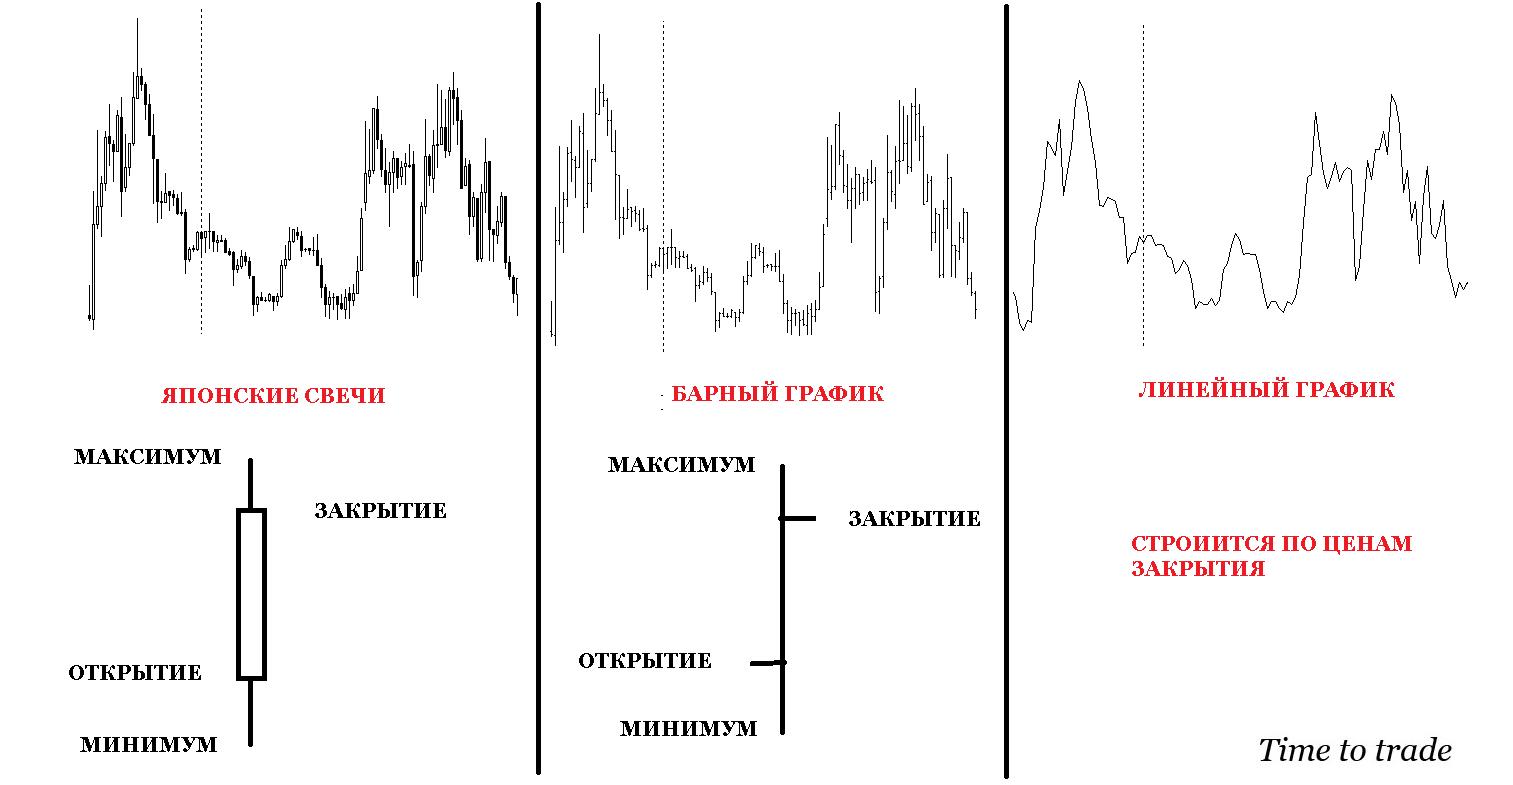 Виды графиков рынка Форекс